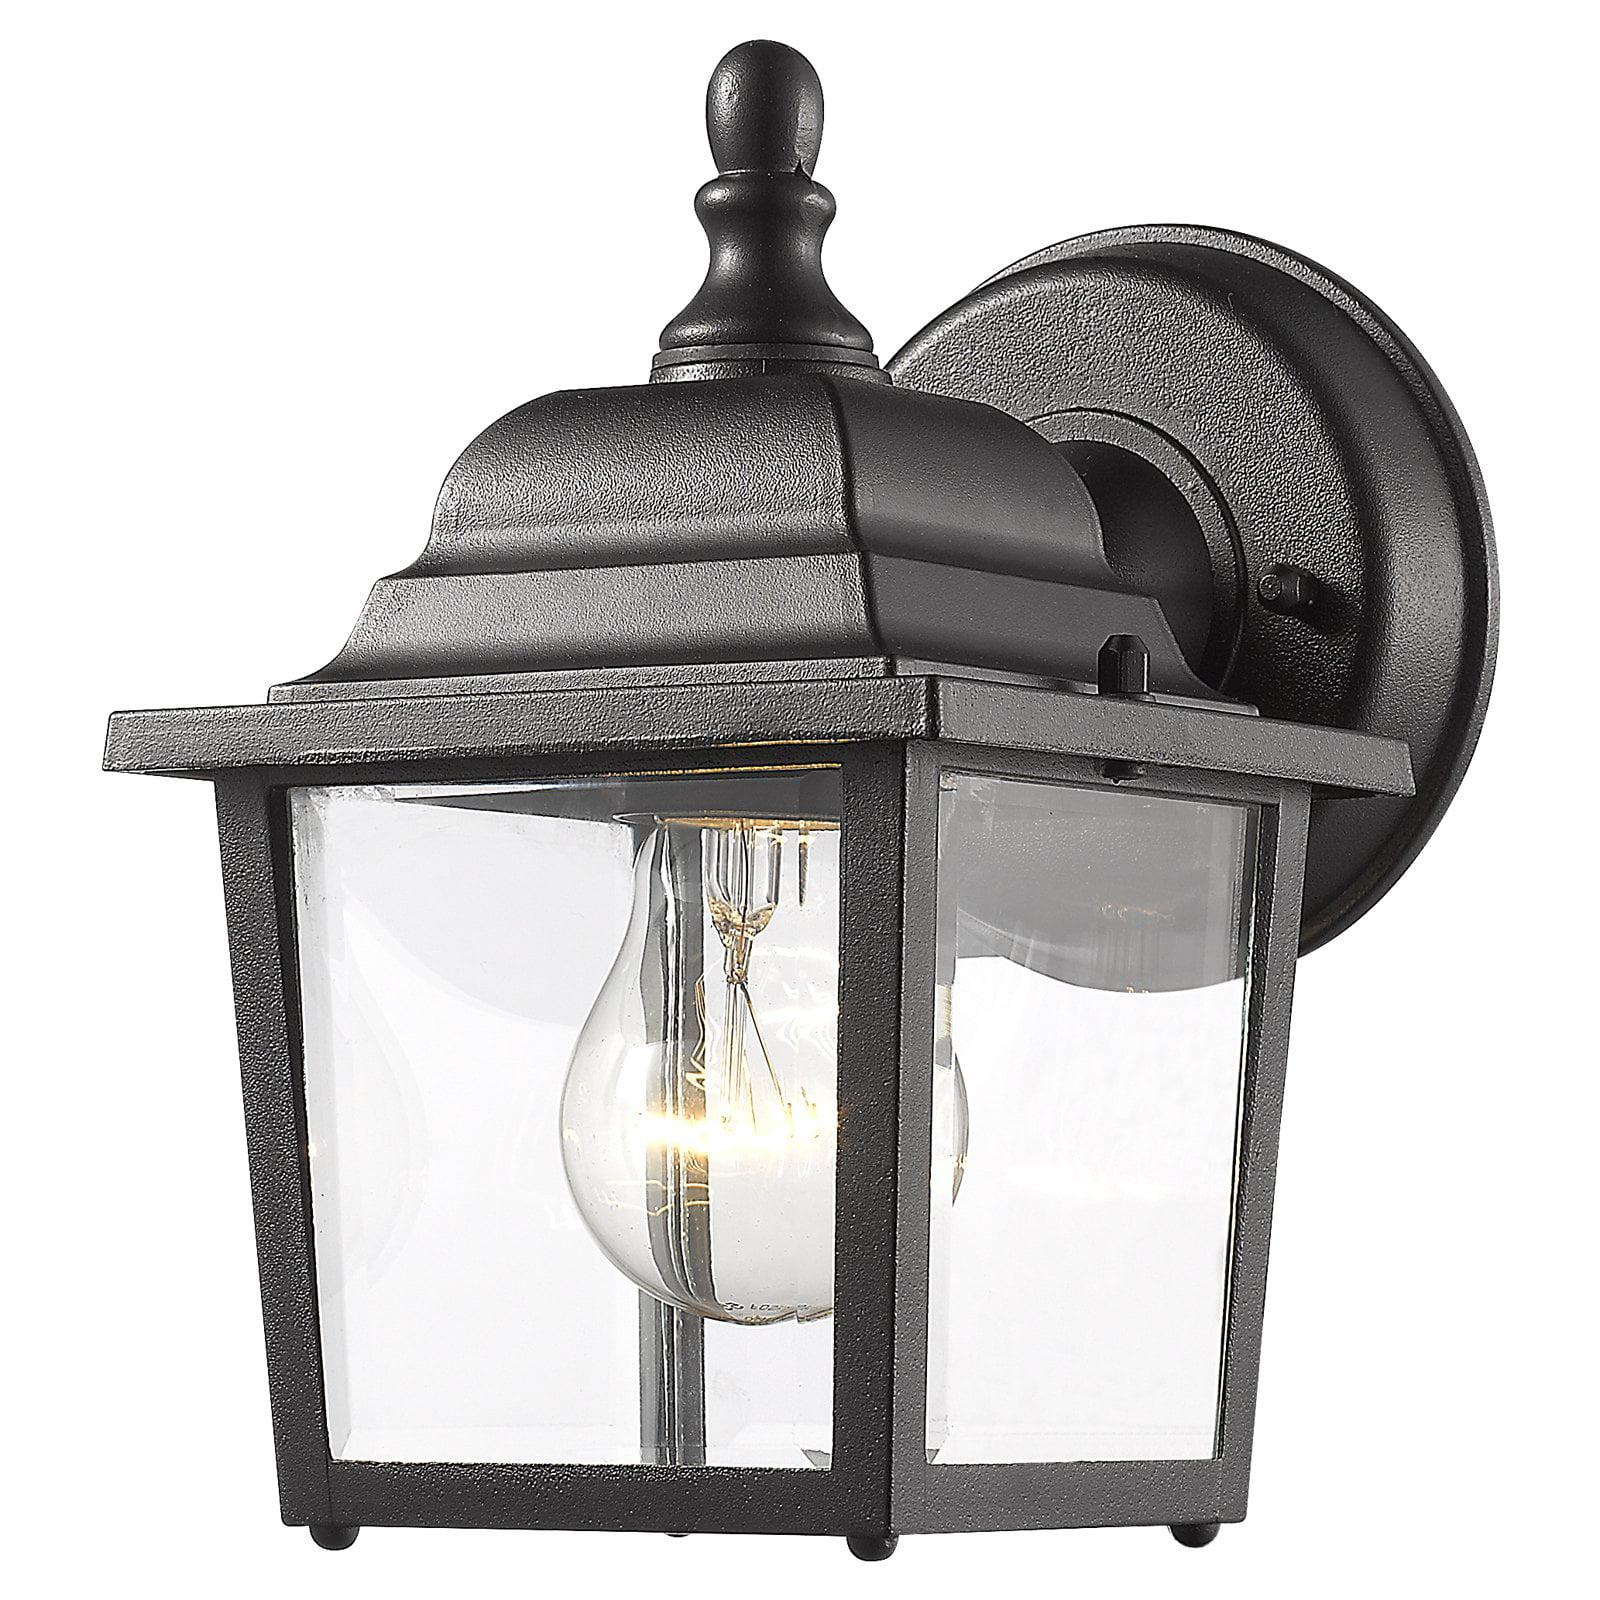 Z-Lite Waterdown 1 Light Outdoor Wall Light in Black